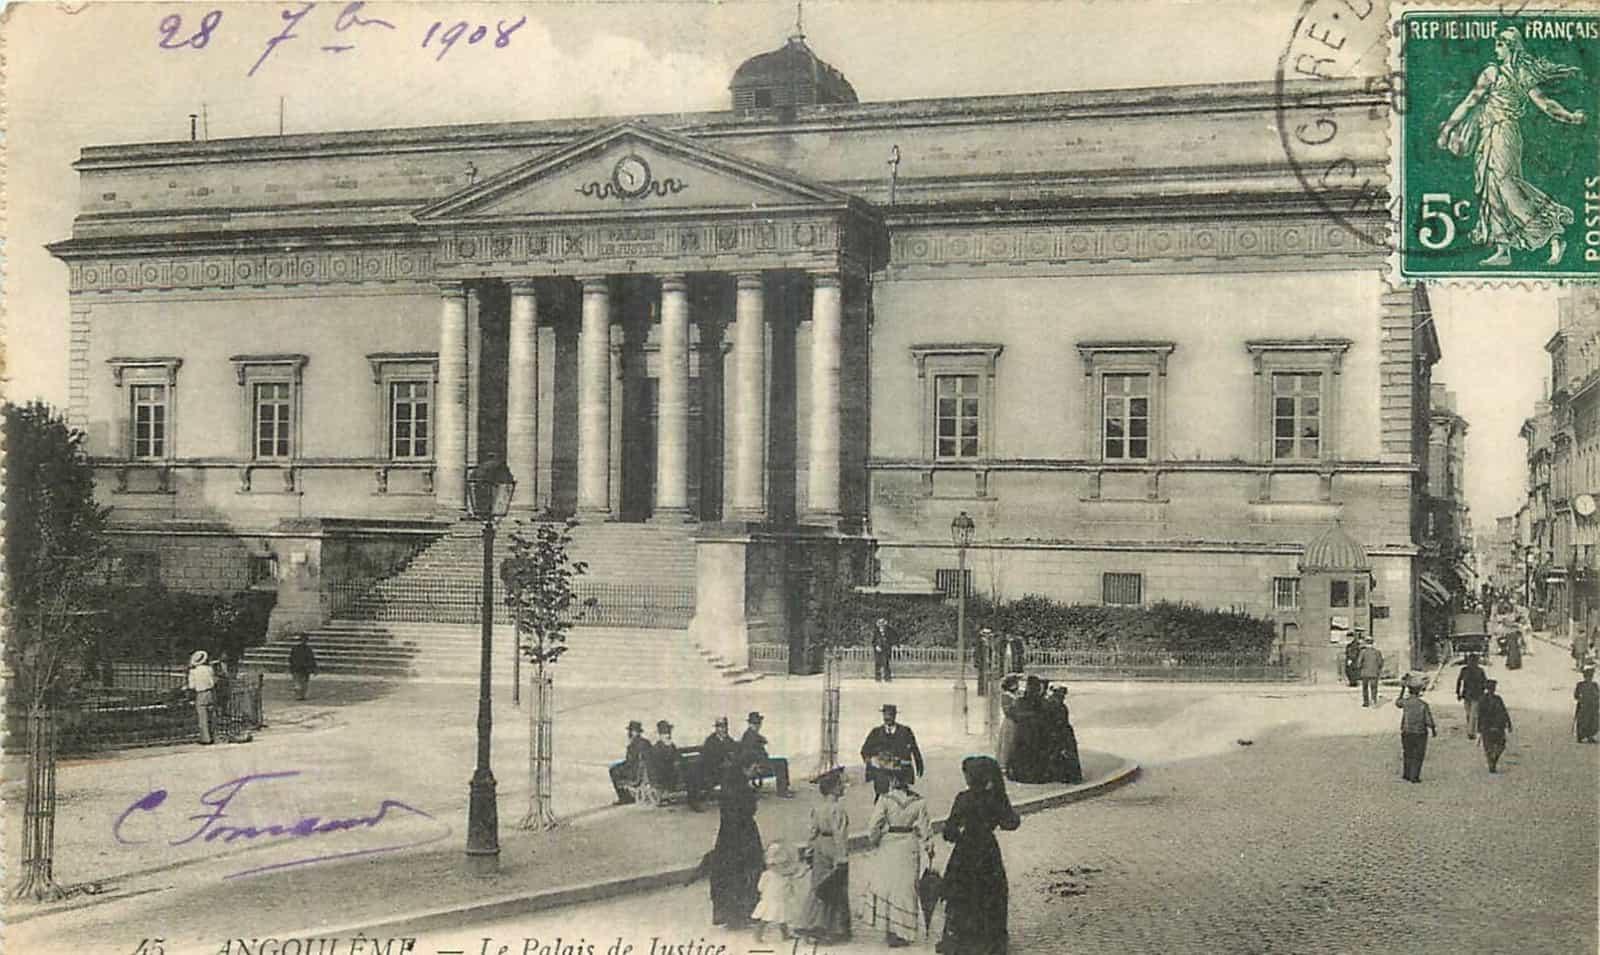 Le tribunal d'Angoulême dans les années 1900.